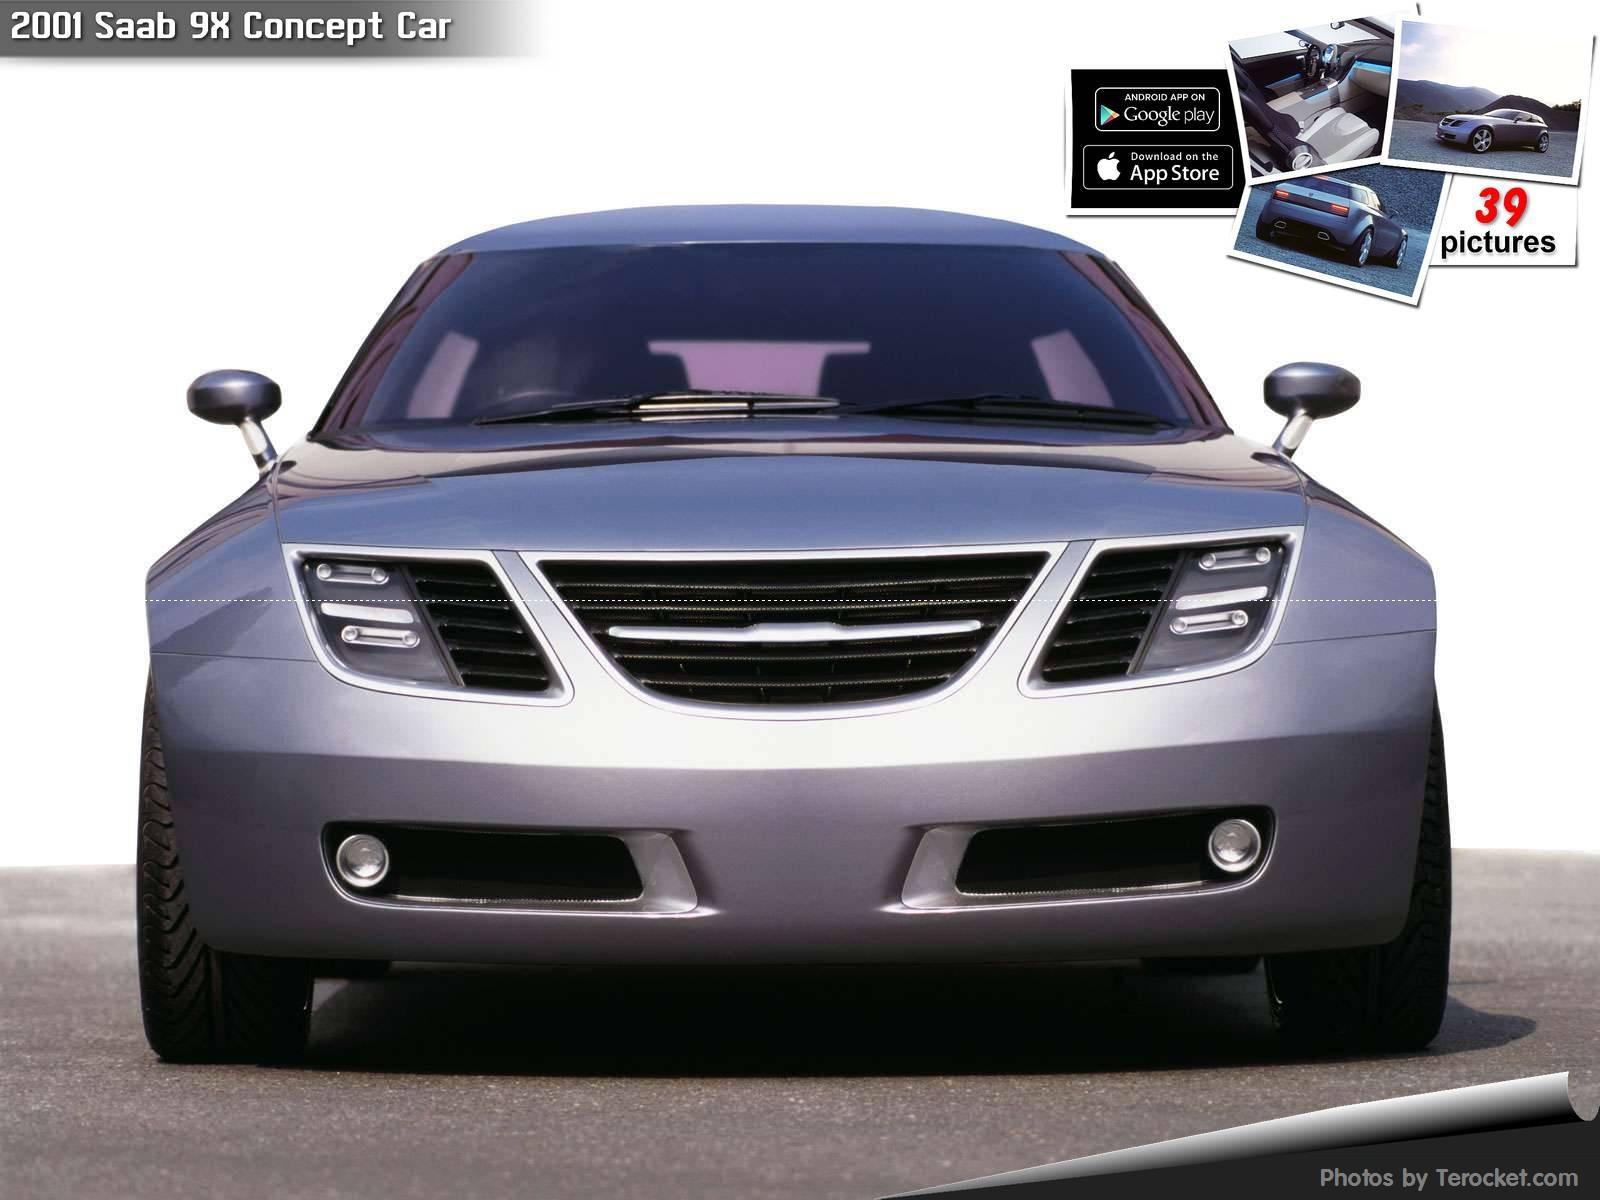 Hình ảnh xe ô tô Saab 9-3X Concept Car 2002 & nội ngoại thất